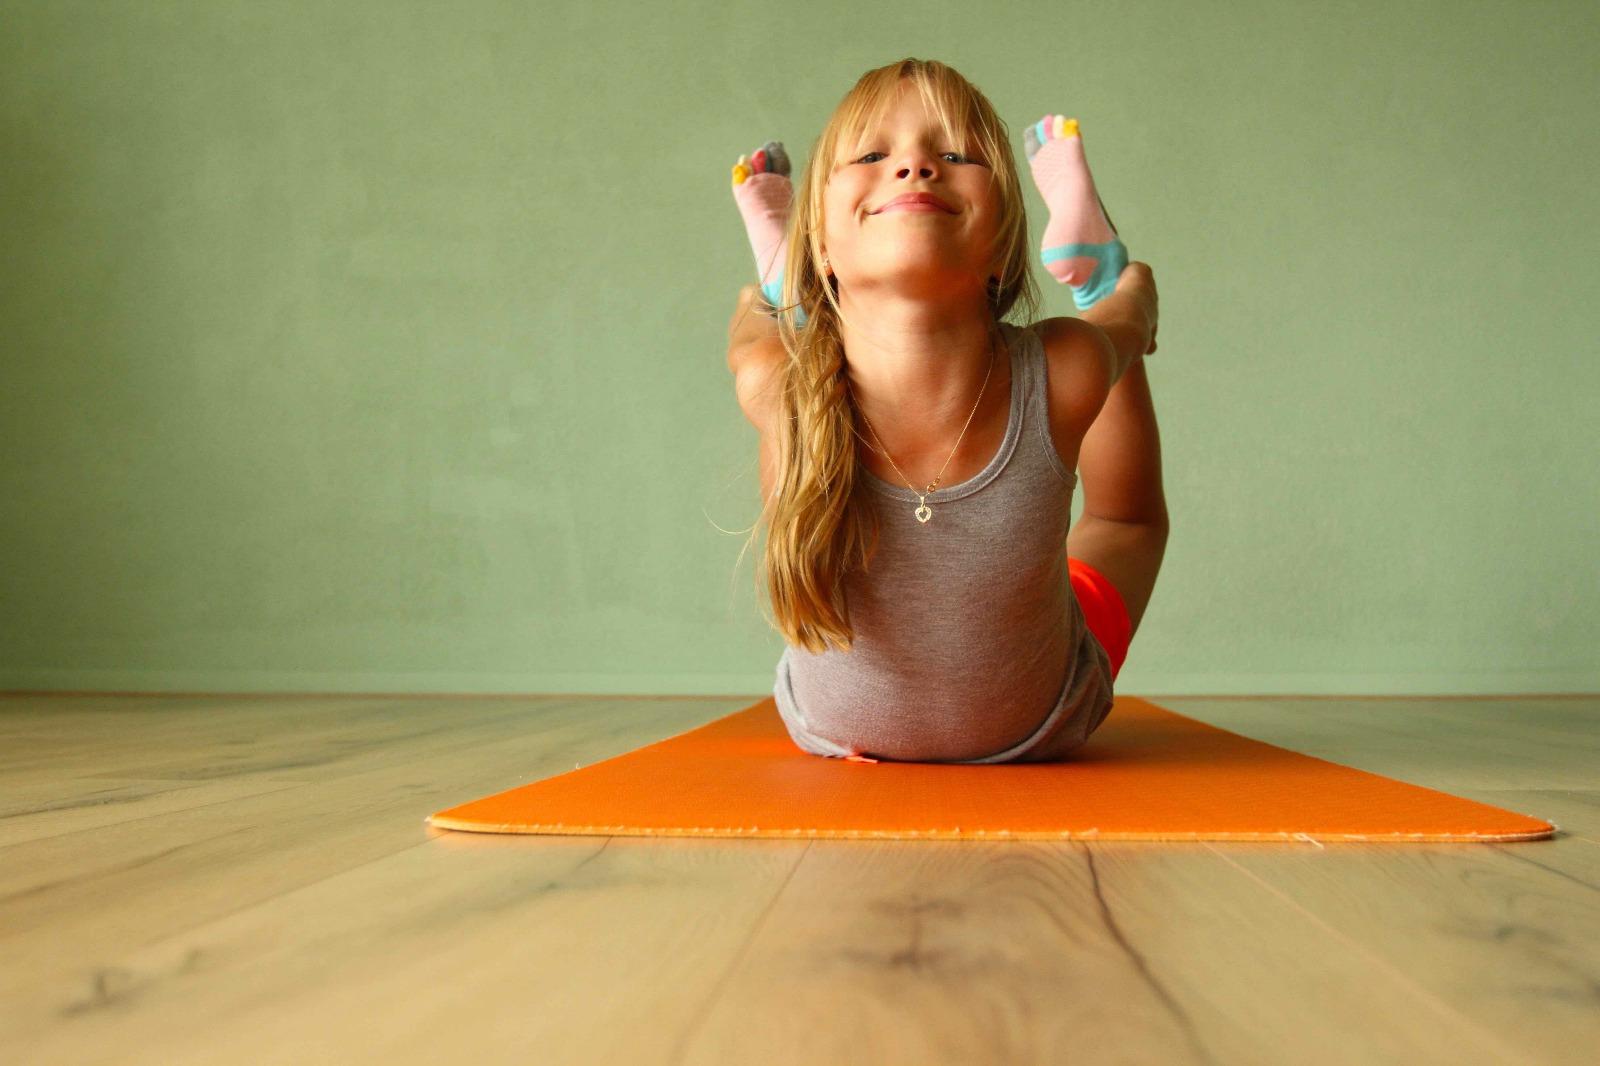 yogasmiley